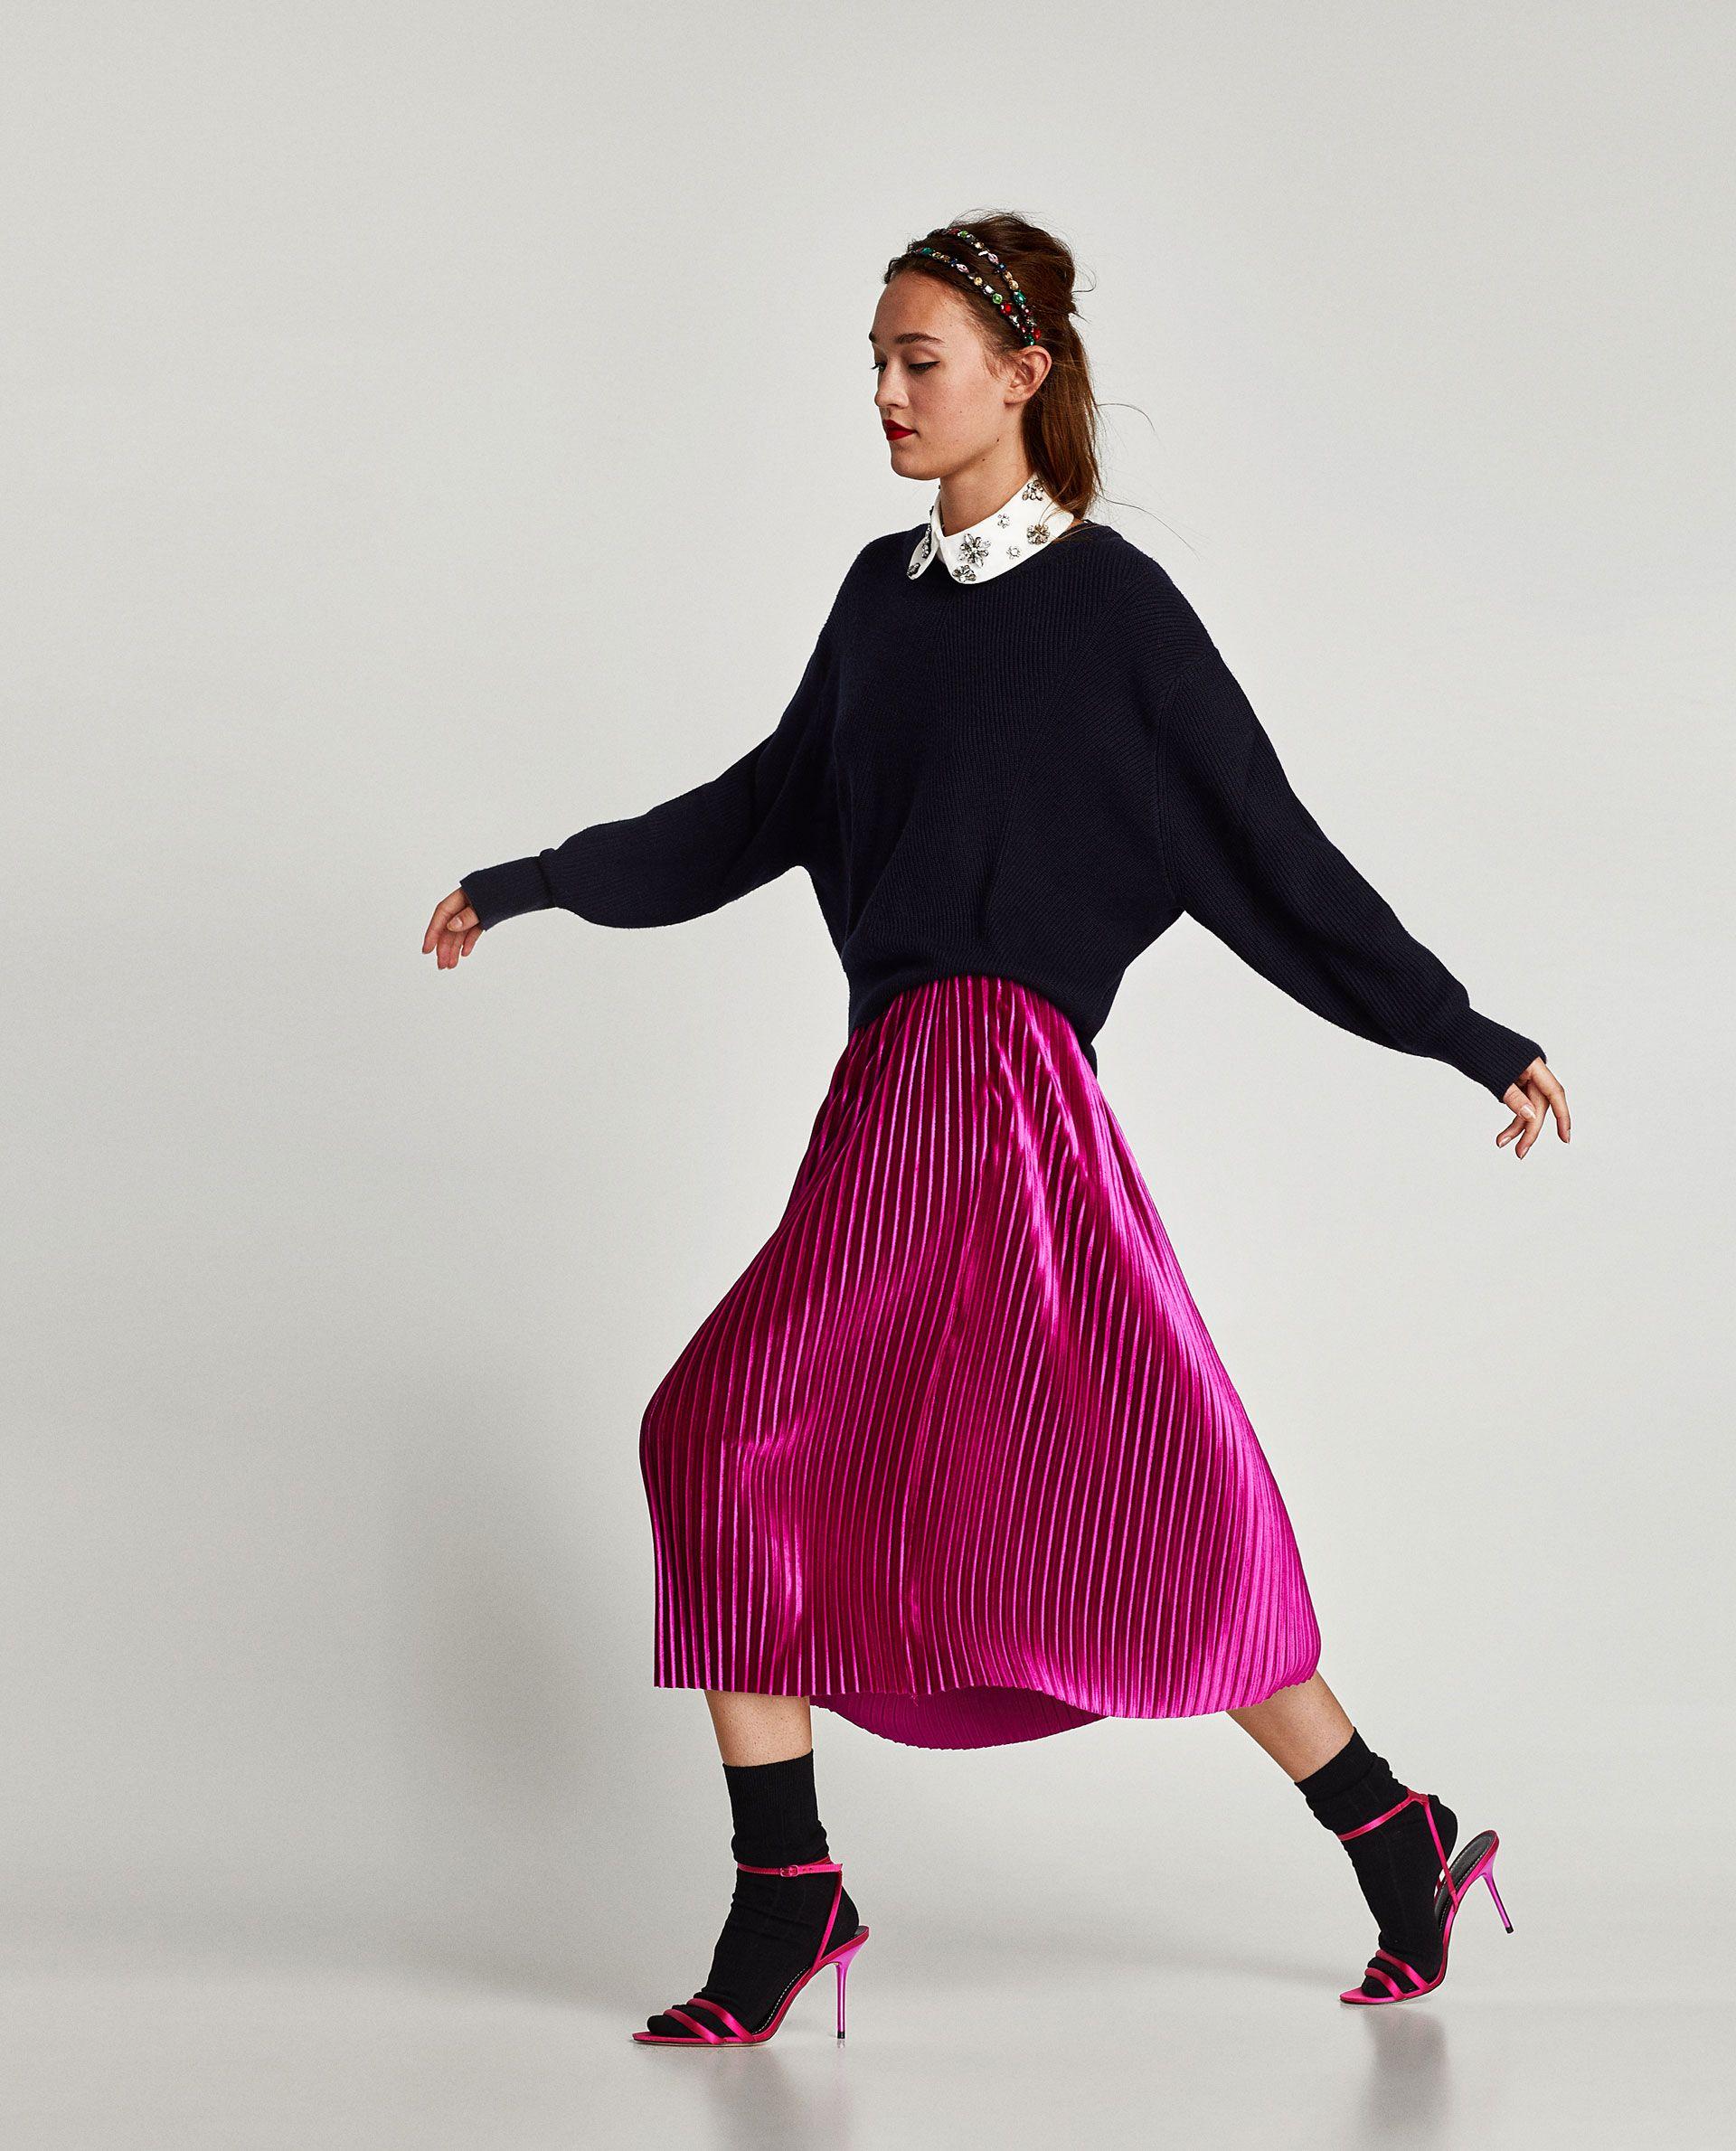 ad37a49f6 FALDA MIDI PLISADA TERCIOPELO | fashion style | Faldas midi, Falda ...